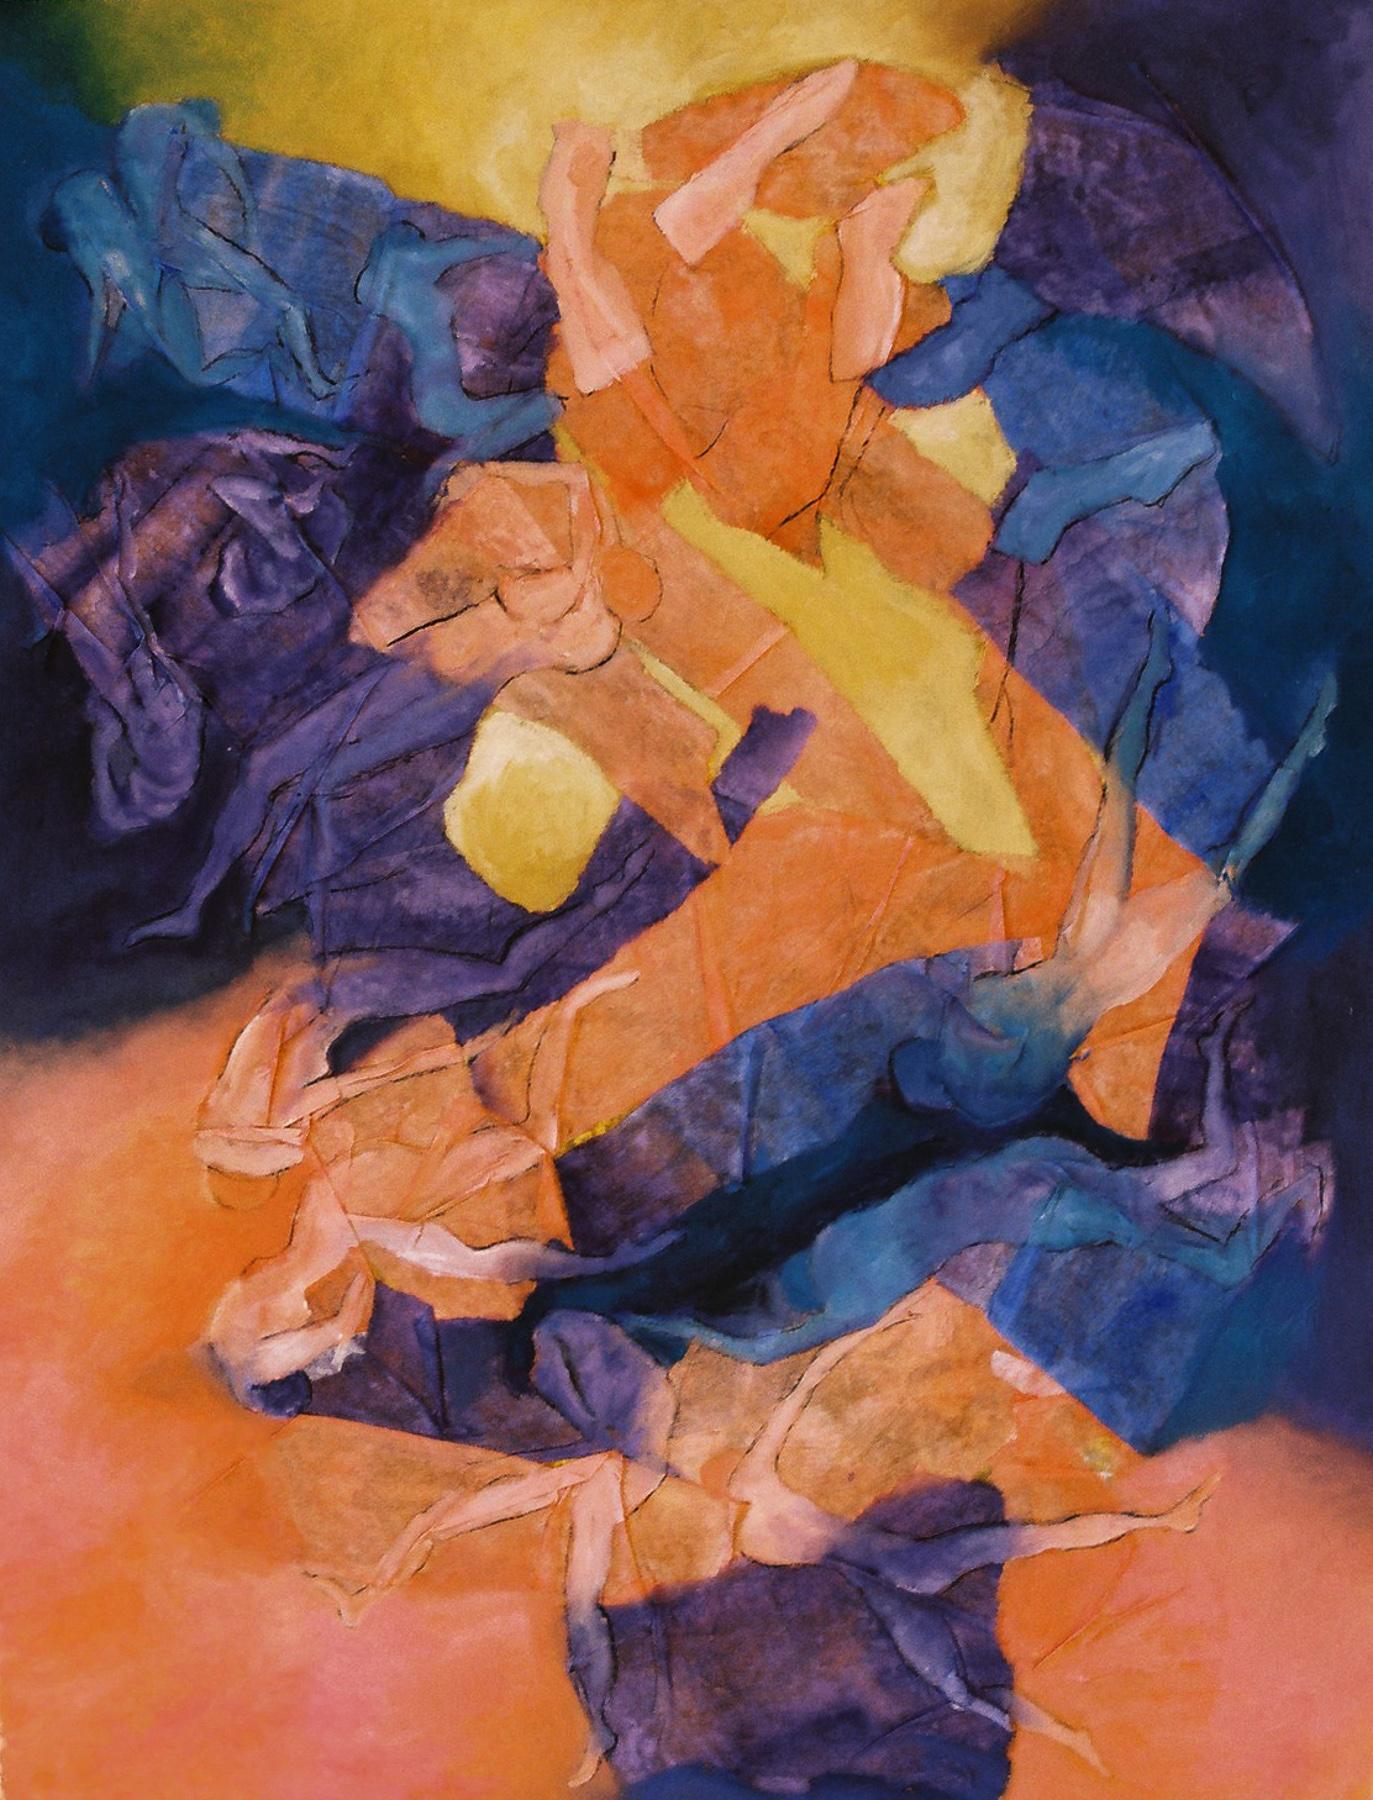 Con el cuerpo de la razón, con el alma de la poesía - Óleo sobre papel - 65 x 50 cm